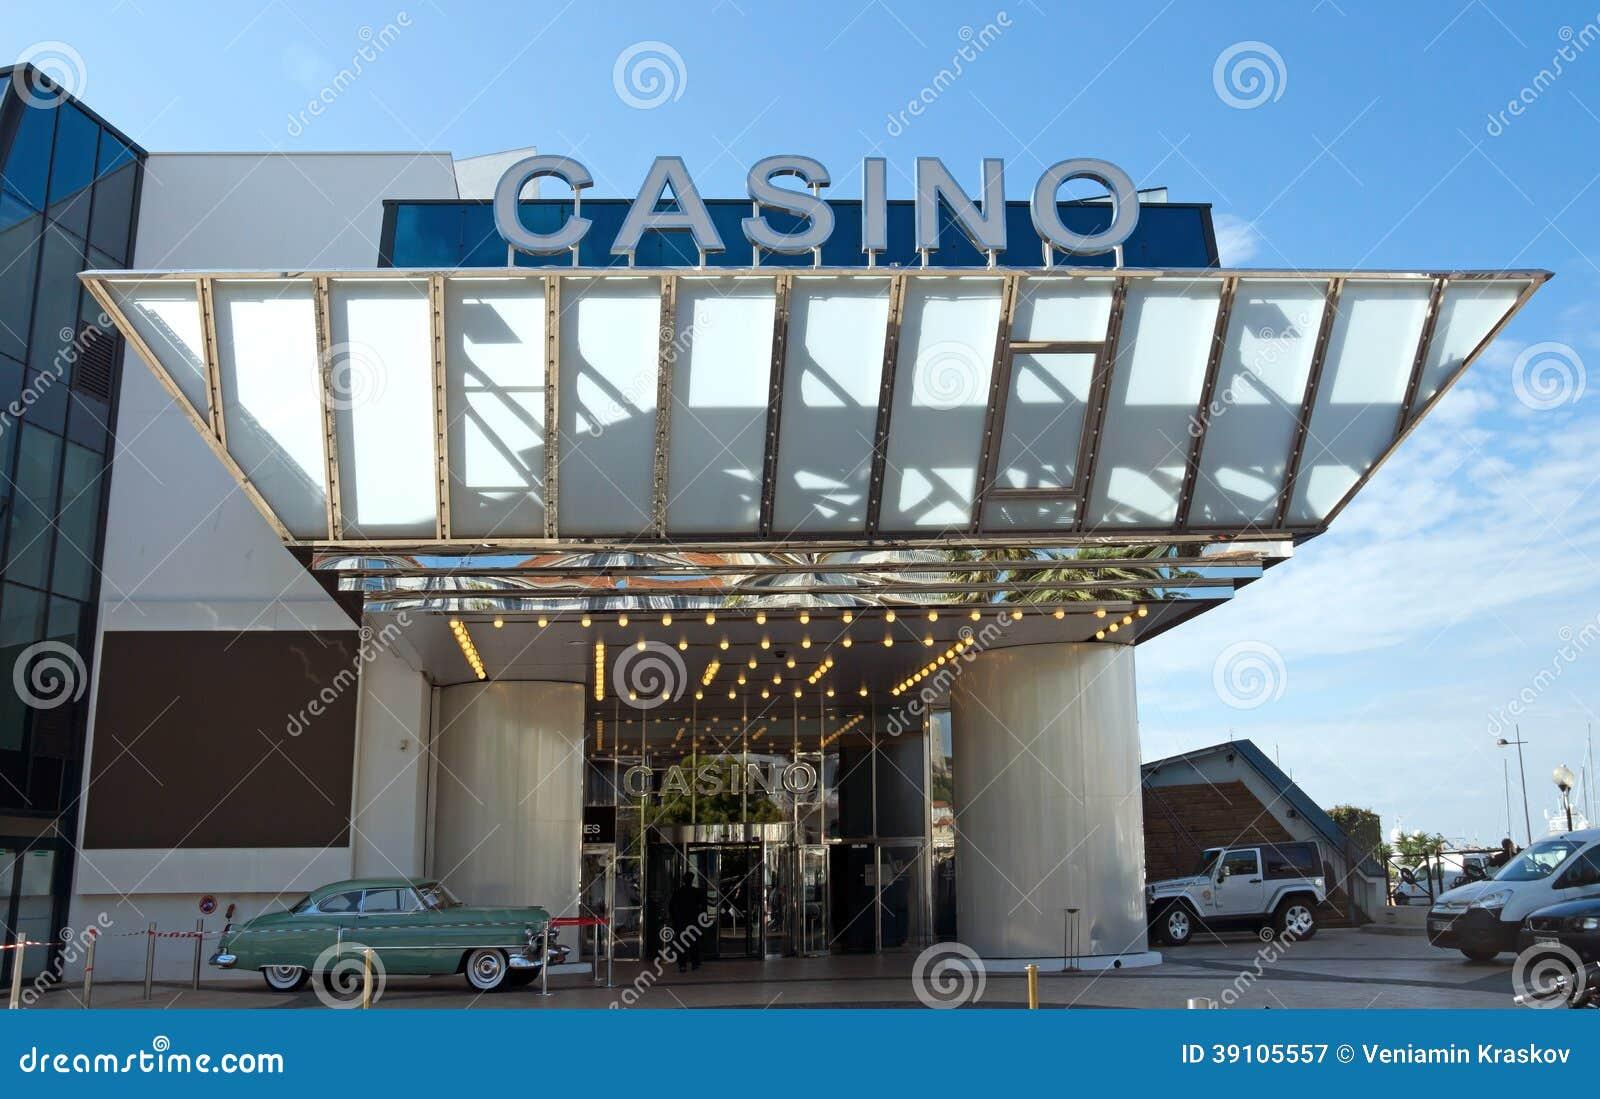 Cannes - Casino in Paleis van Festivallen